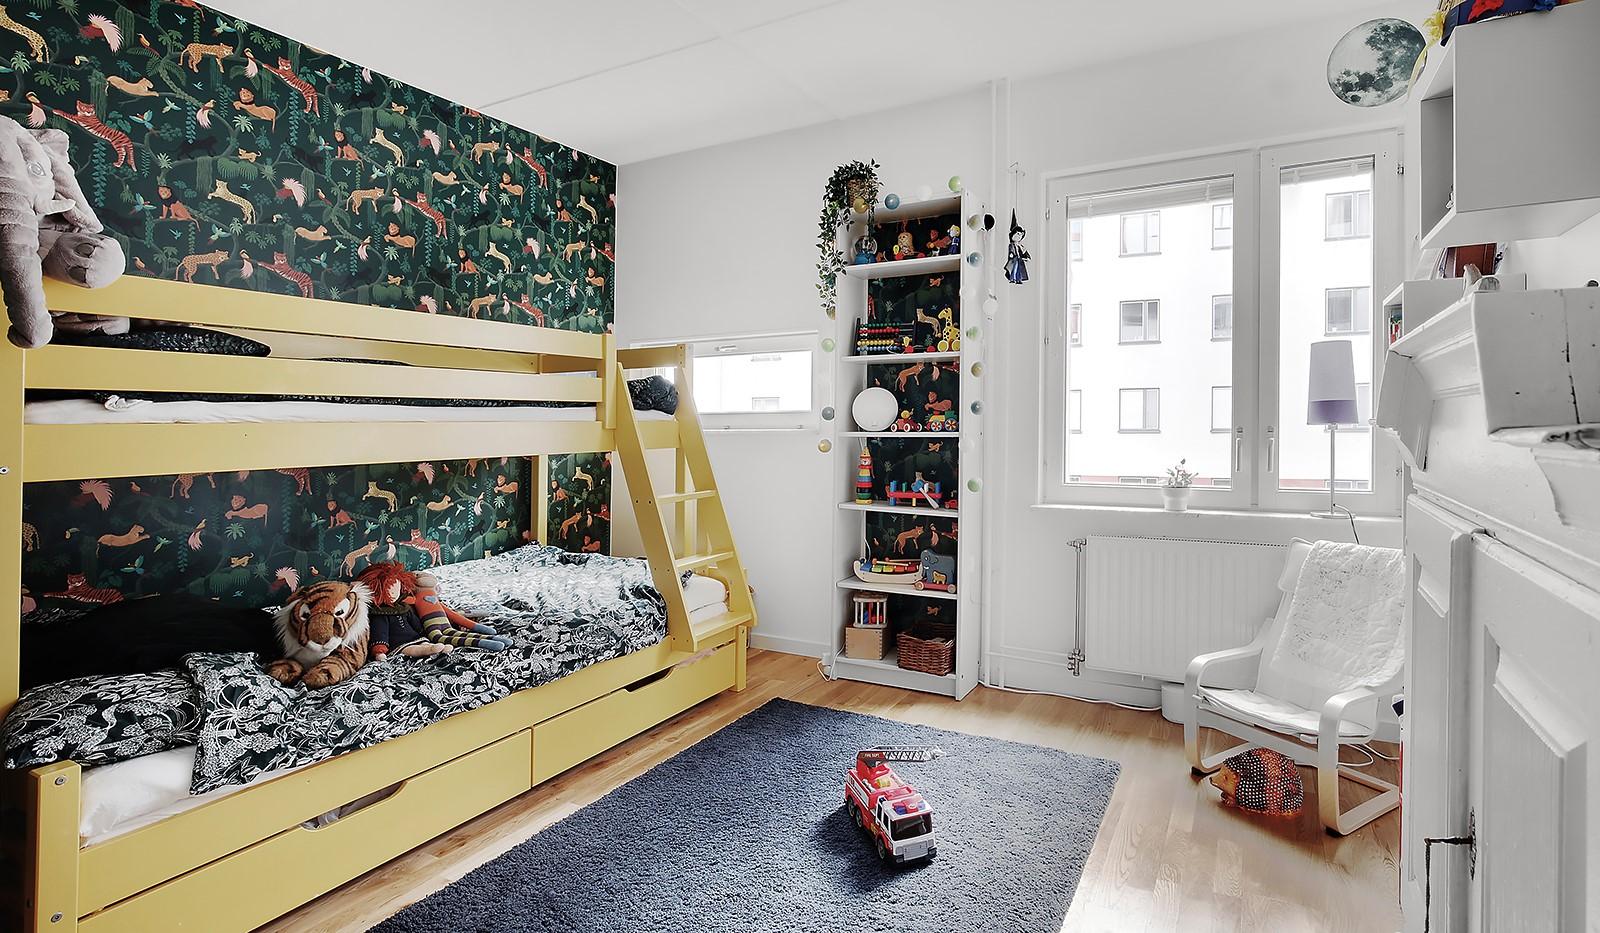 Vingårdsgatan 5, 3 tr - Ytterligare ett rejält sovrum. Även detta sovrum vetter mot innergården precis som de övriga.